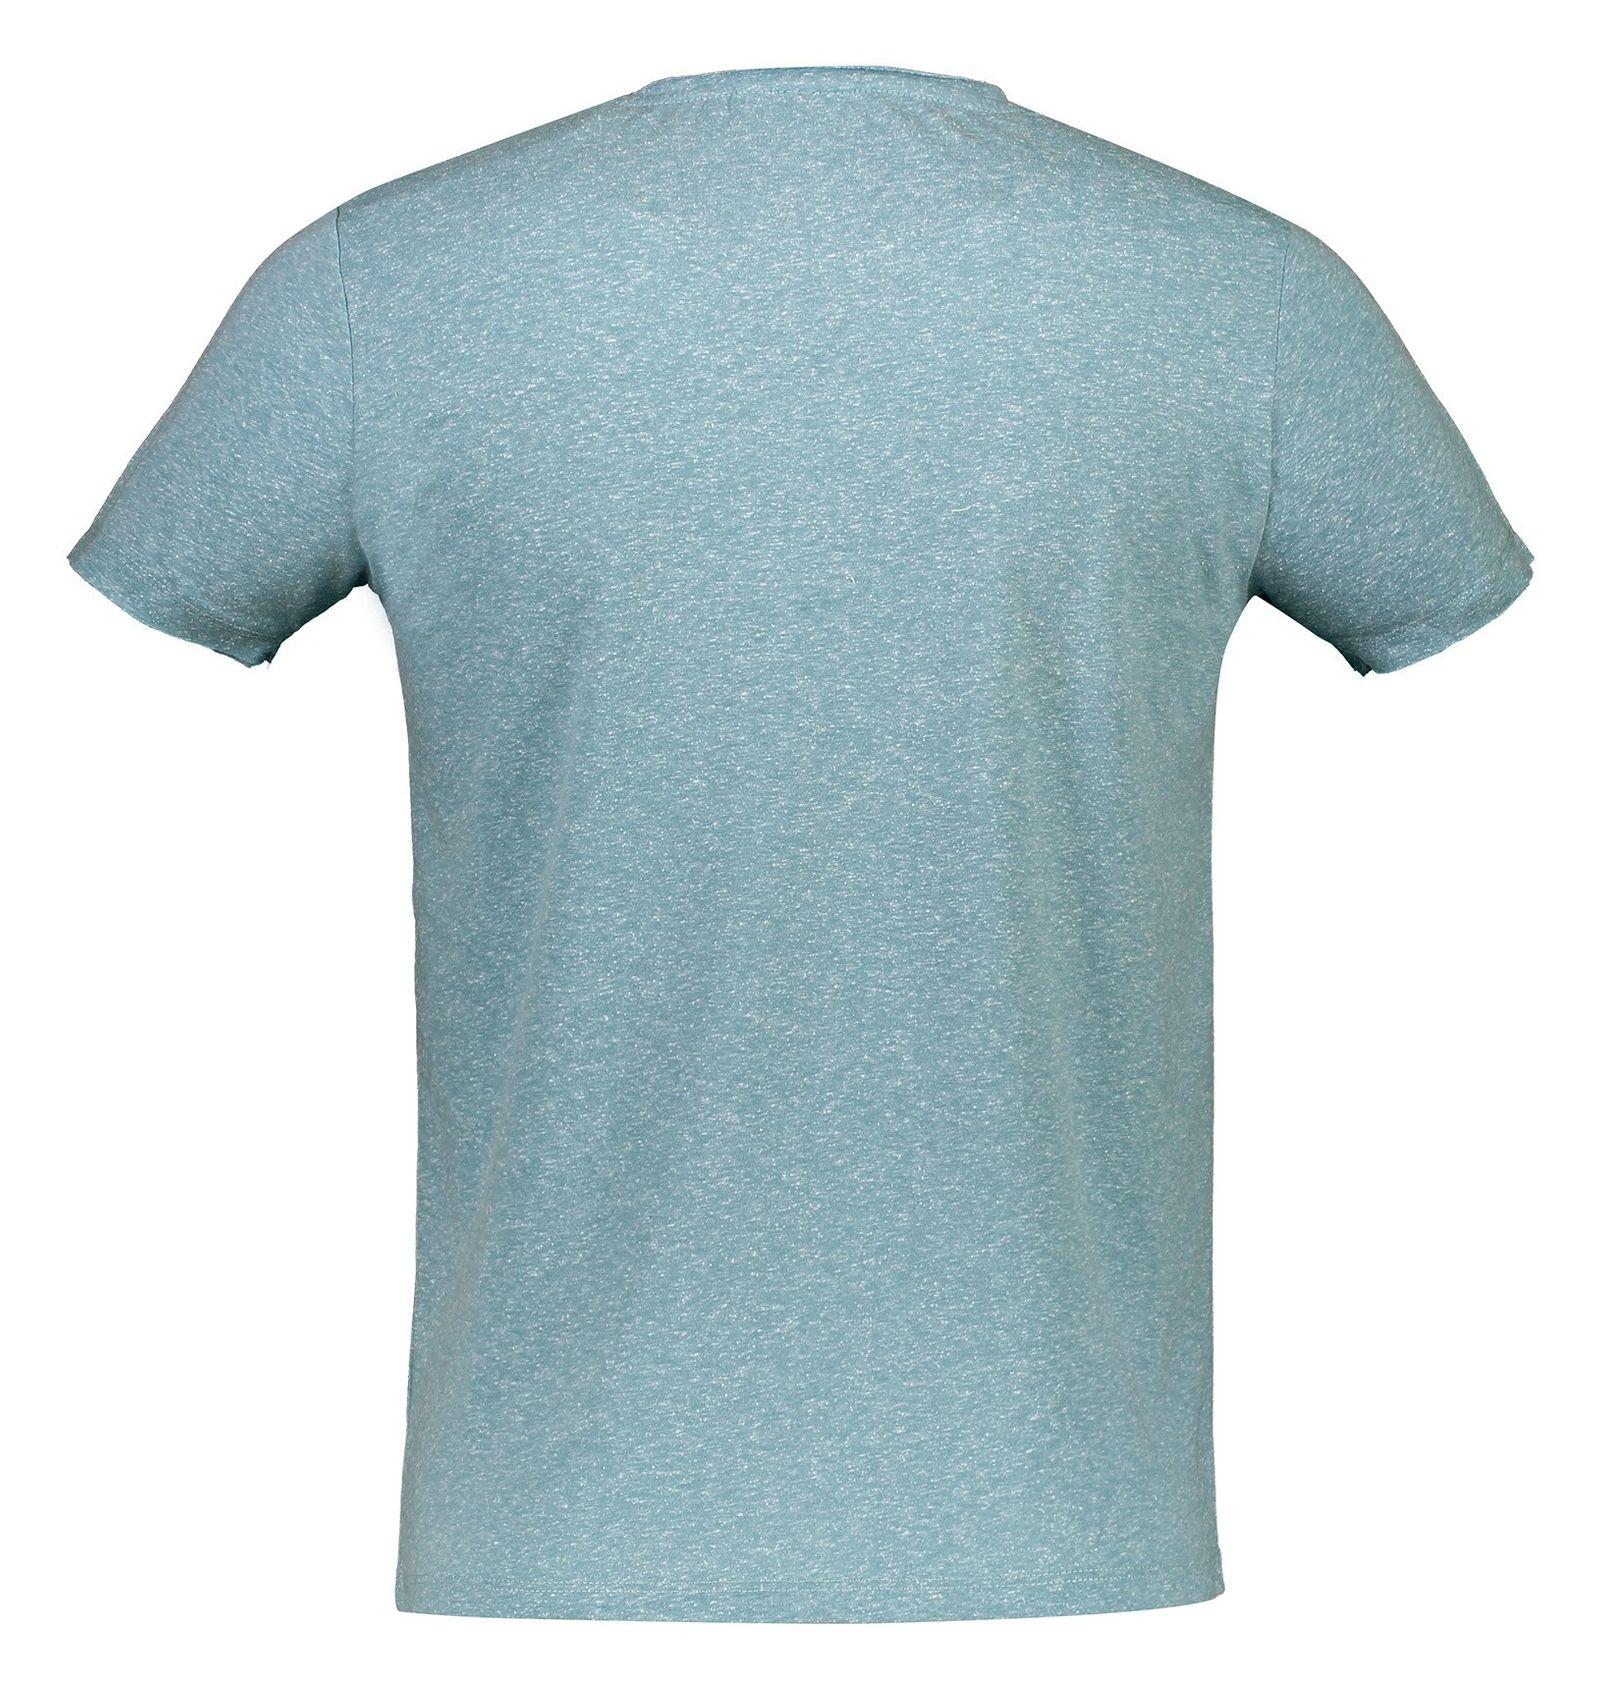 تی شرت یقه گرد مردانه - ال سی وایکیکی - آبي روشن ملانژ - 2